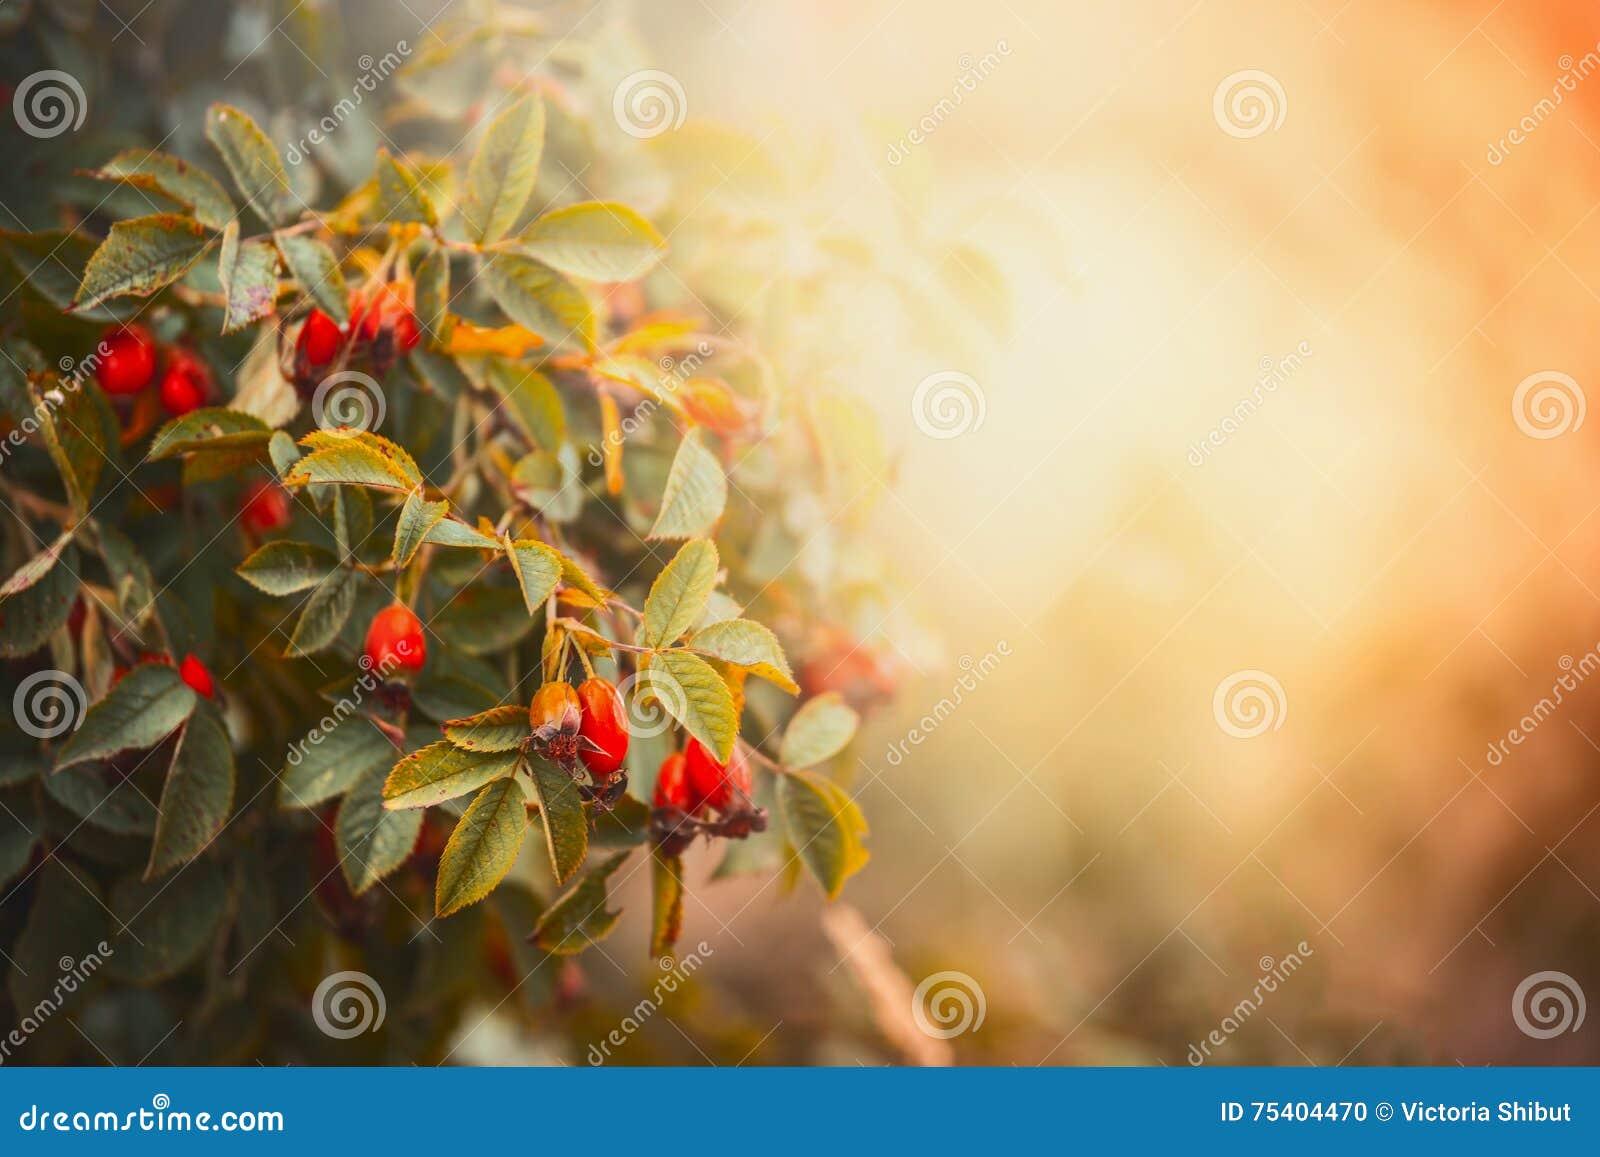 Τριαντάφυλλα σκυλιών με τα κόκκινα φρούτα και μούρα στο ηλιοβασίλεμα στον κήπο ή το πάρκο Όμορφη φύση φθινοπώρου